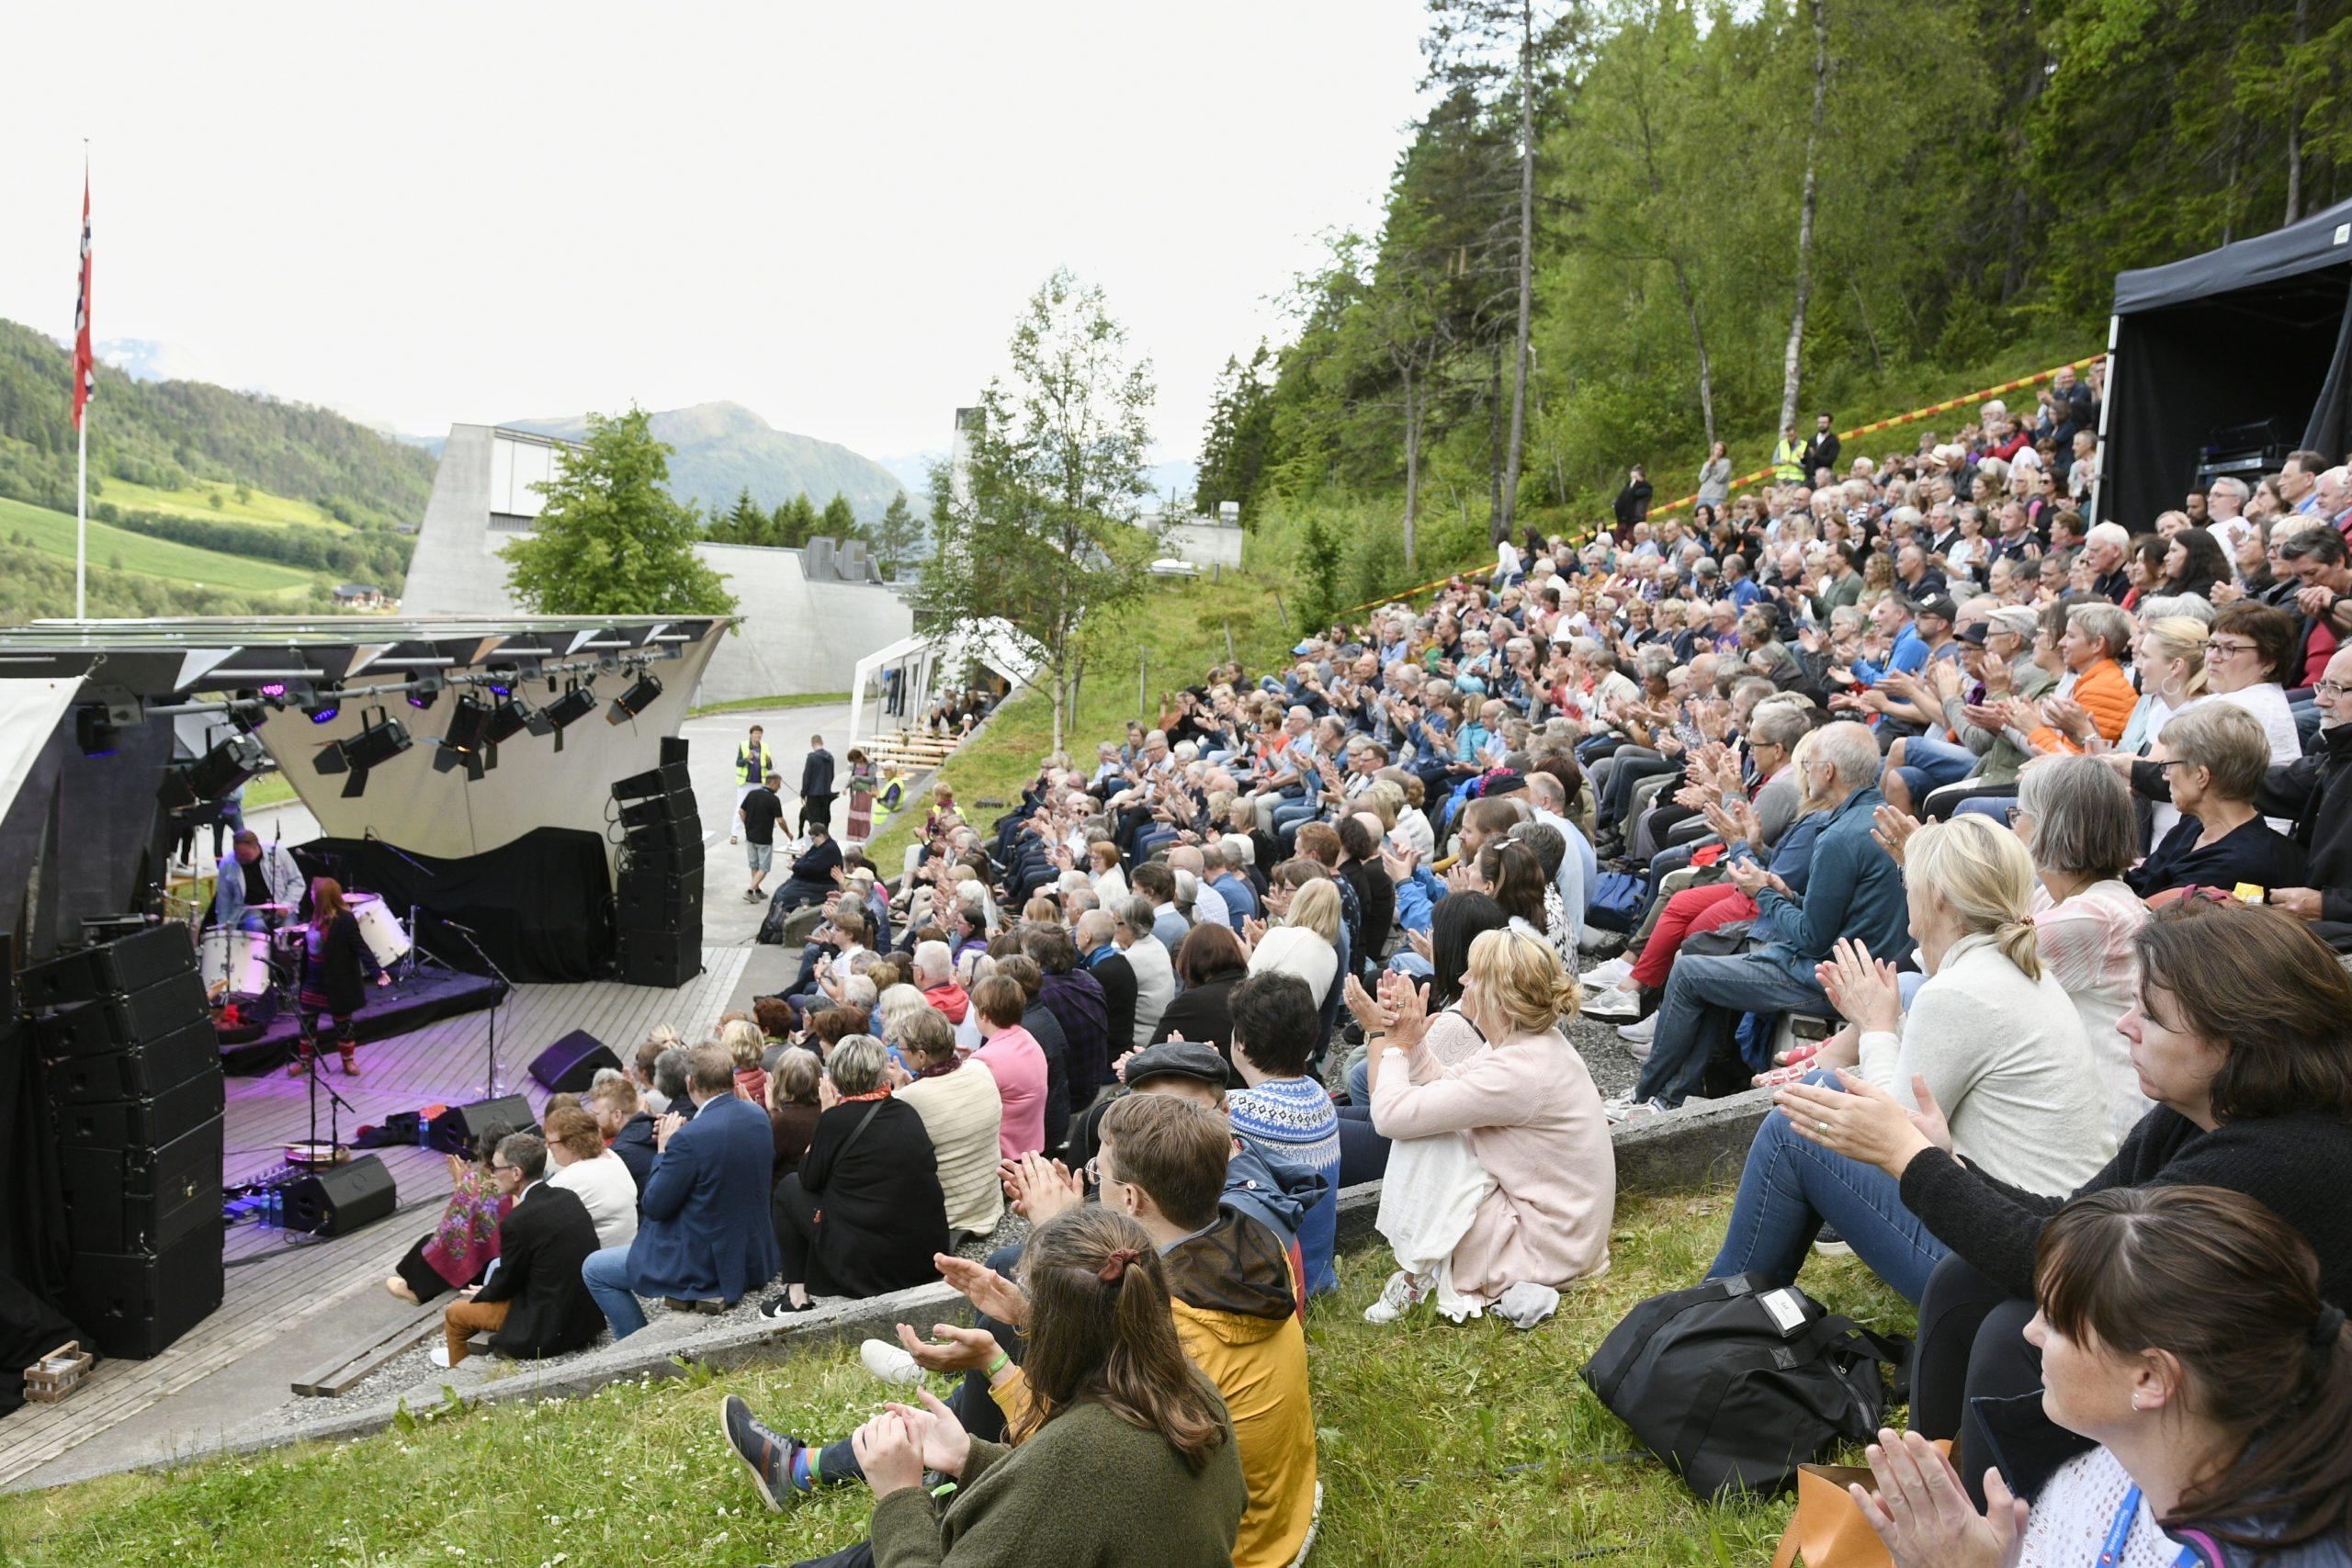 Bilete Dei nynorske festspela 2019 konsert Mari Boine